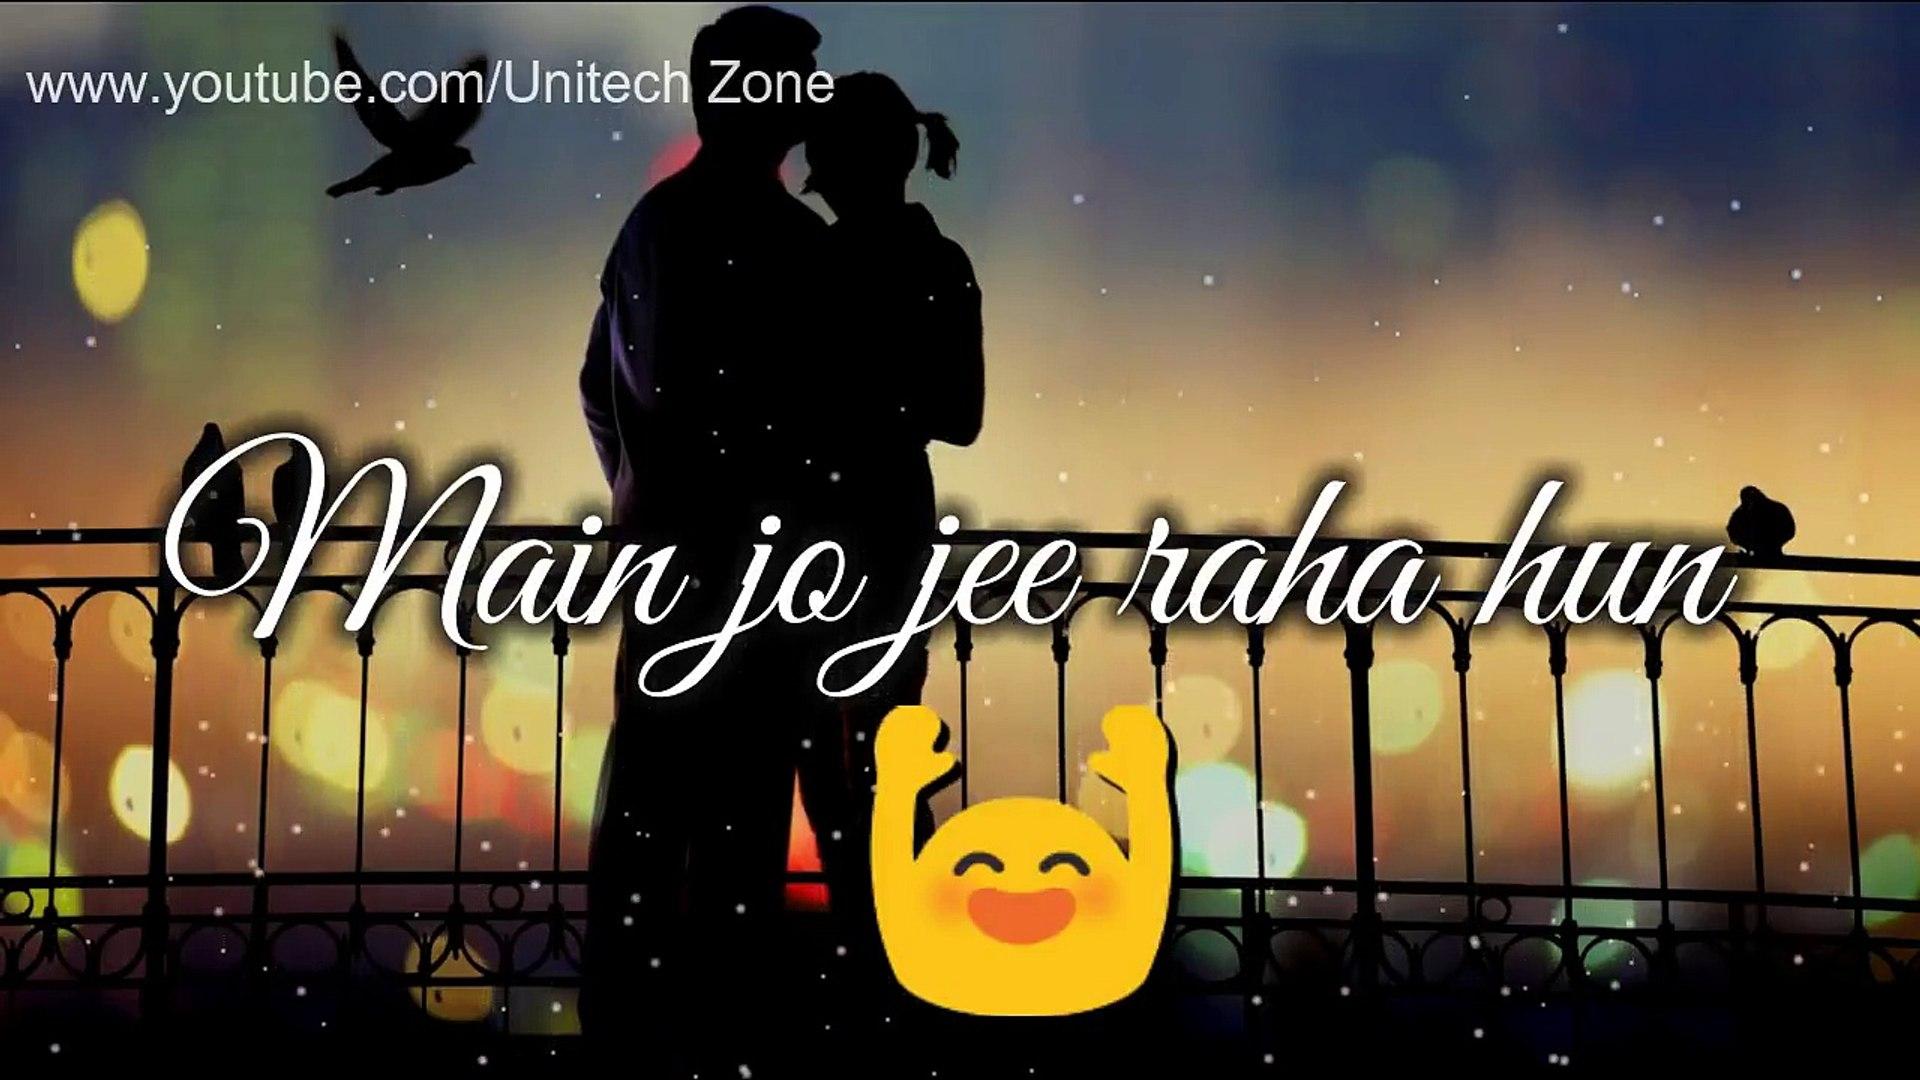 whatsapp status hindi, whatsapp status attitude, whatsapp status album song,